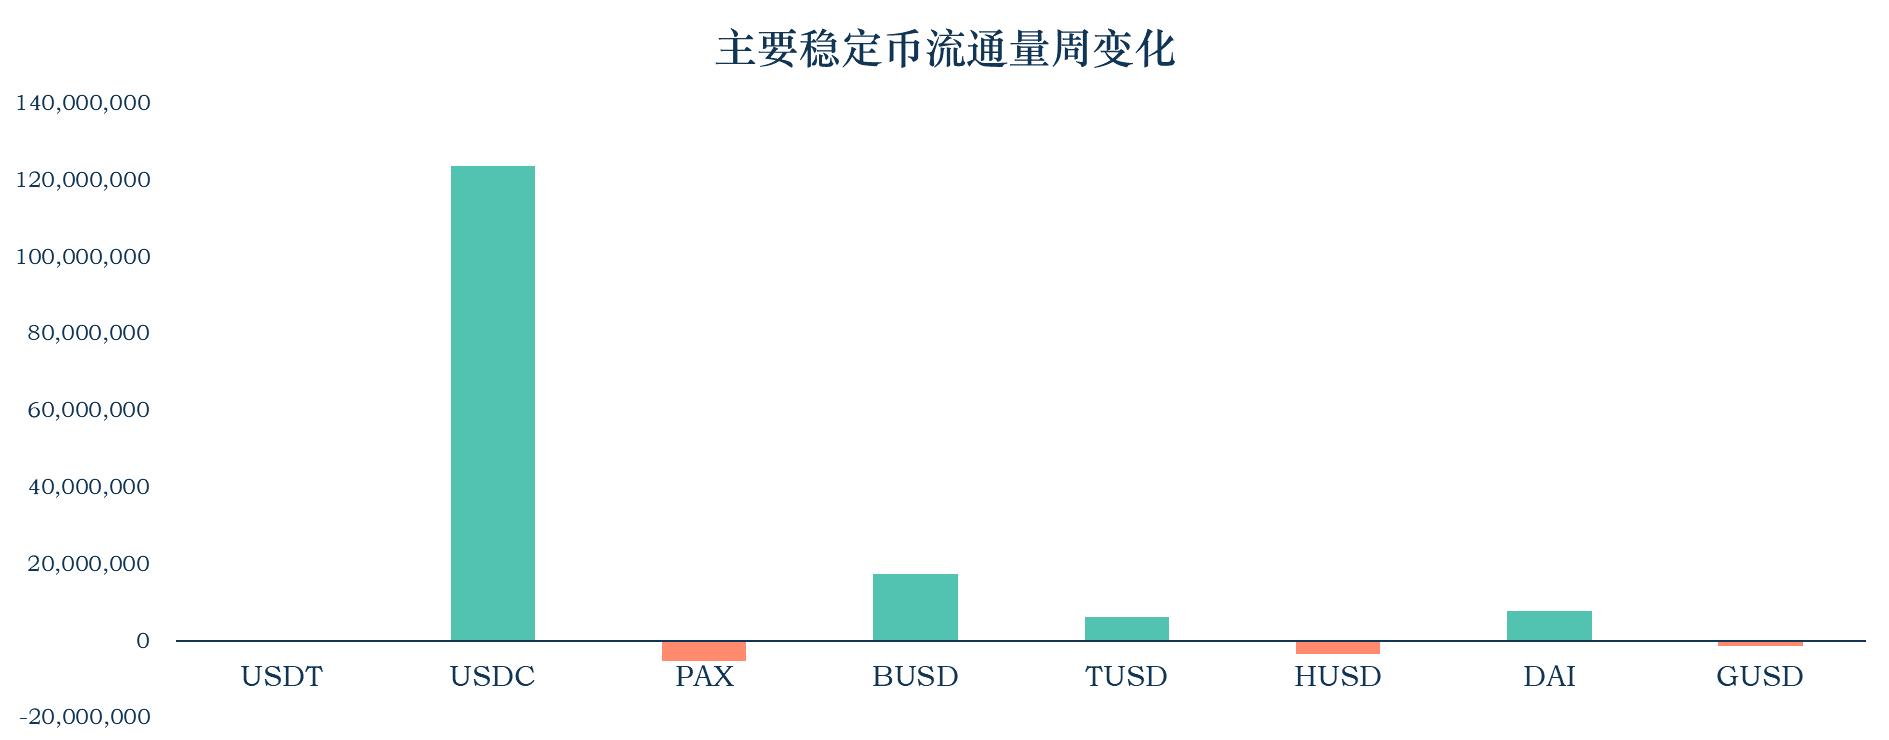 加密稳定币报告07:稳定币安全性分析 背后是交易所与信托机构的角逐